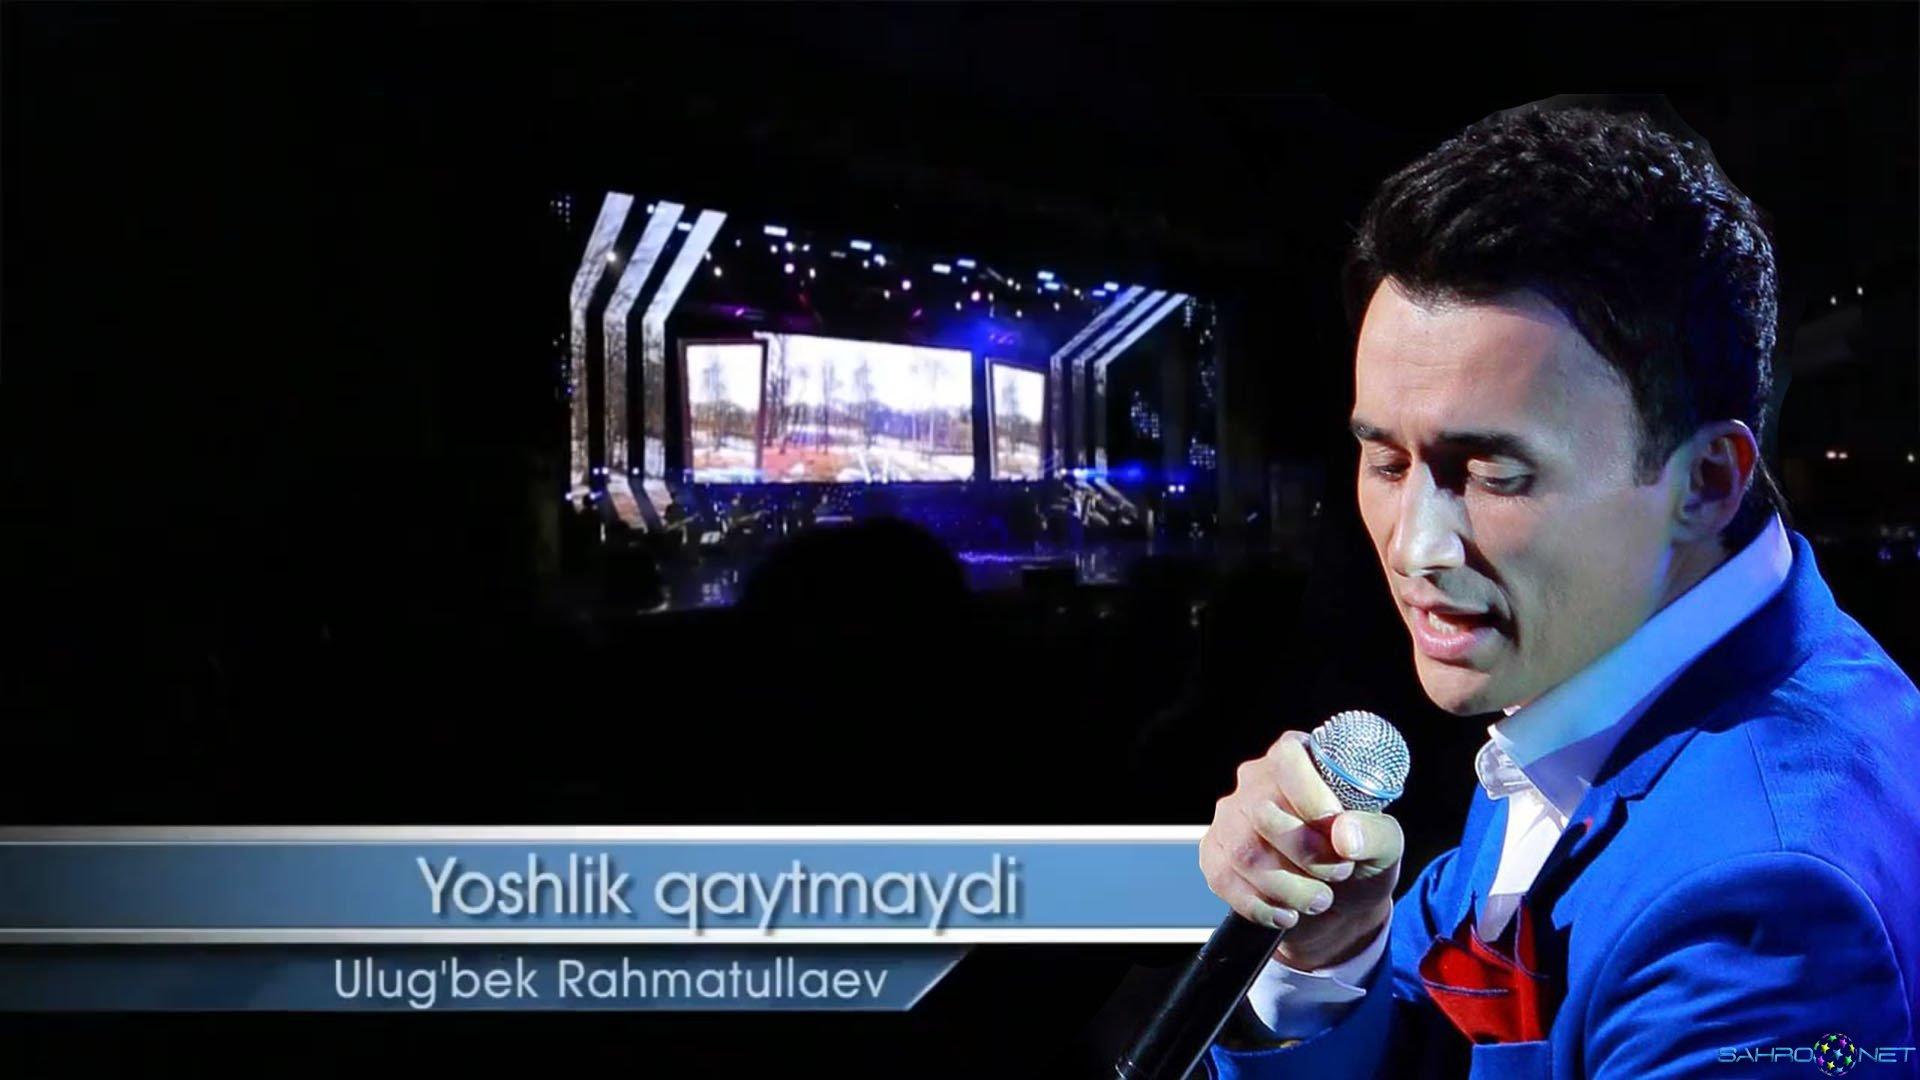 ulugbek rahmatullayev yoshlik qaytmaydi konsert